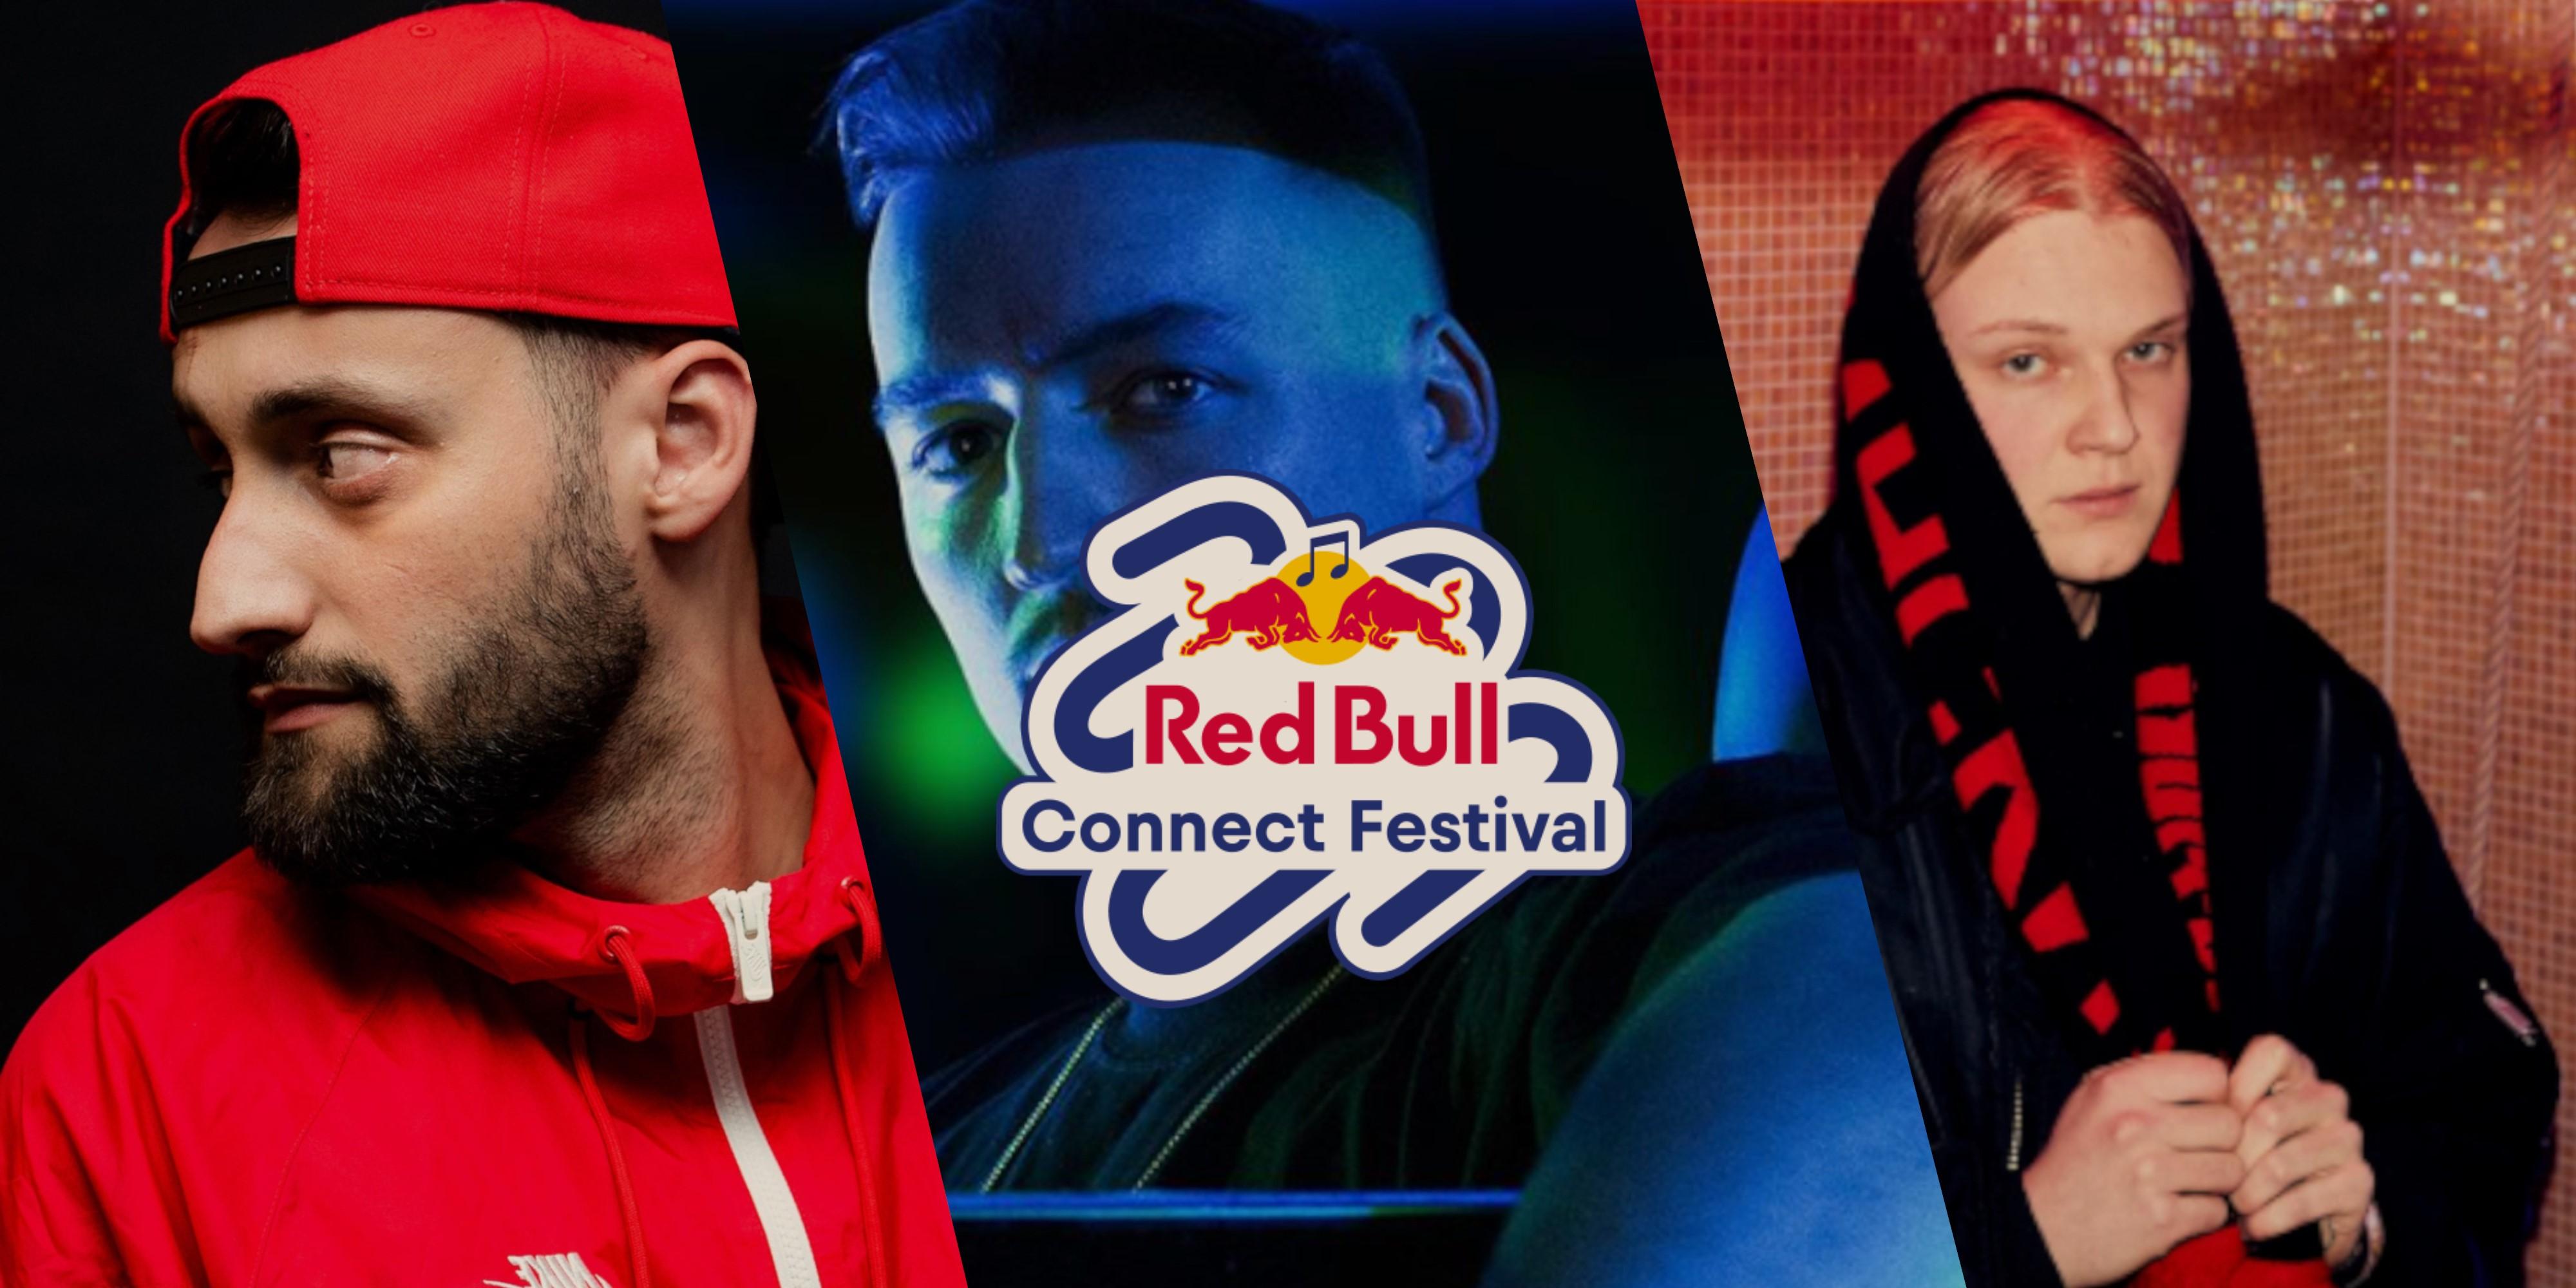 Mimiks, Xen, COBEE und mehr: Red Bull liefert dir HipHop-Culture direkt nach Hause